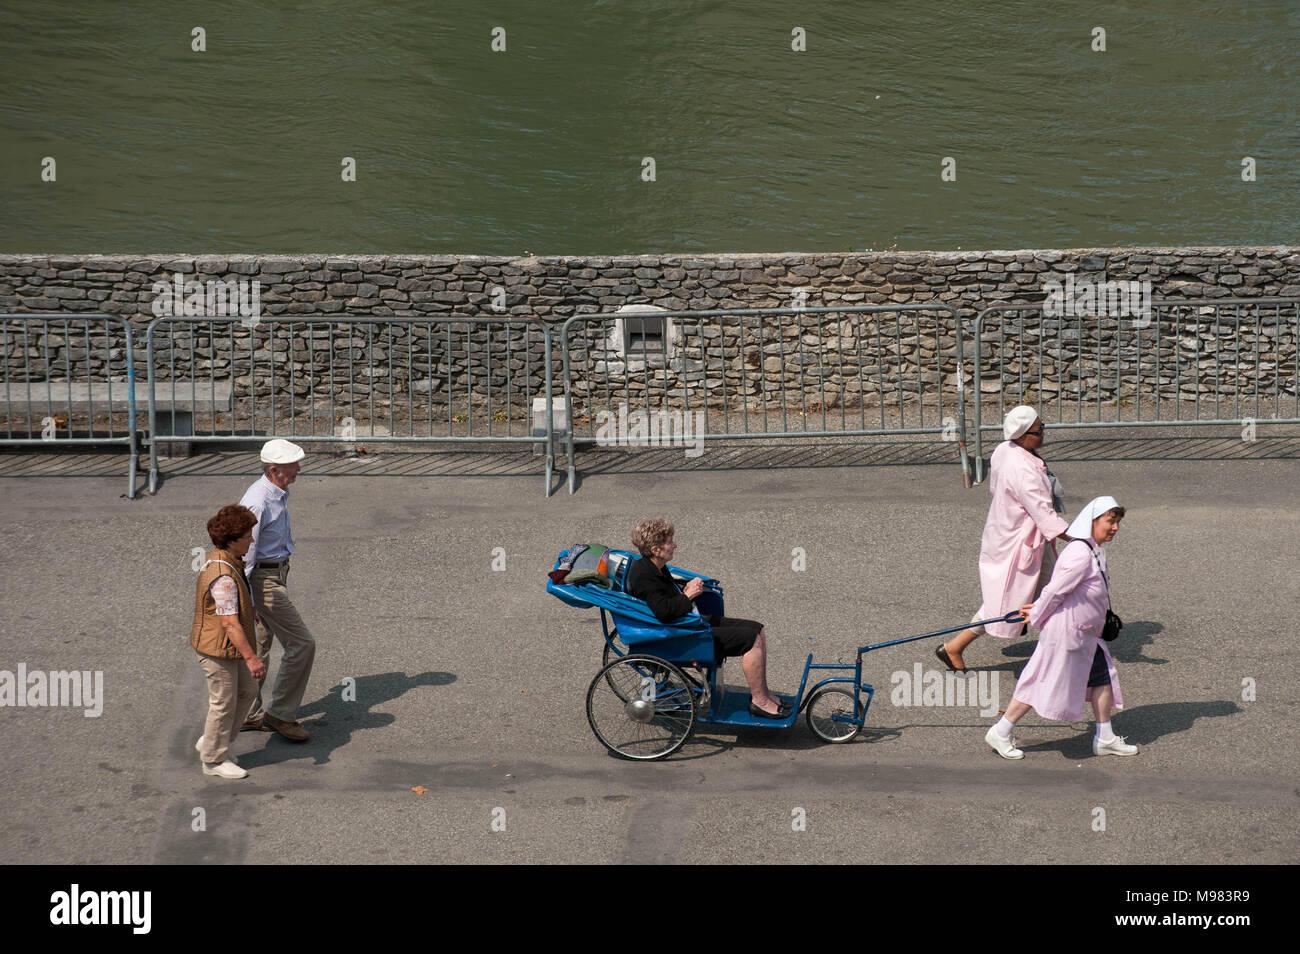 Lourdes. Sanctuaire de Notre Dame de Lourdes. La France. Banque D'Images